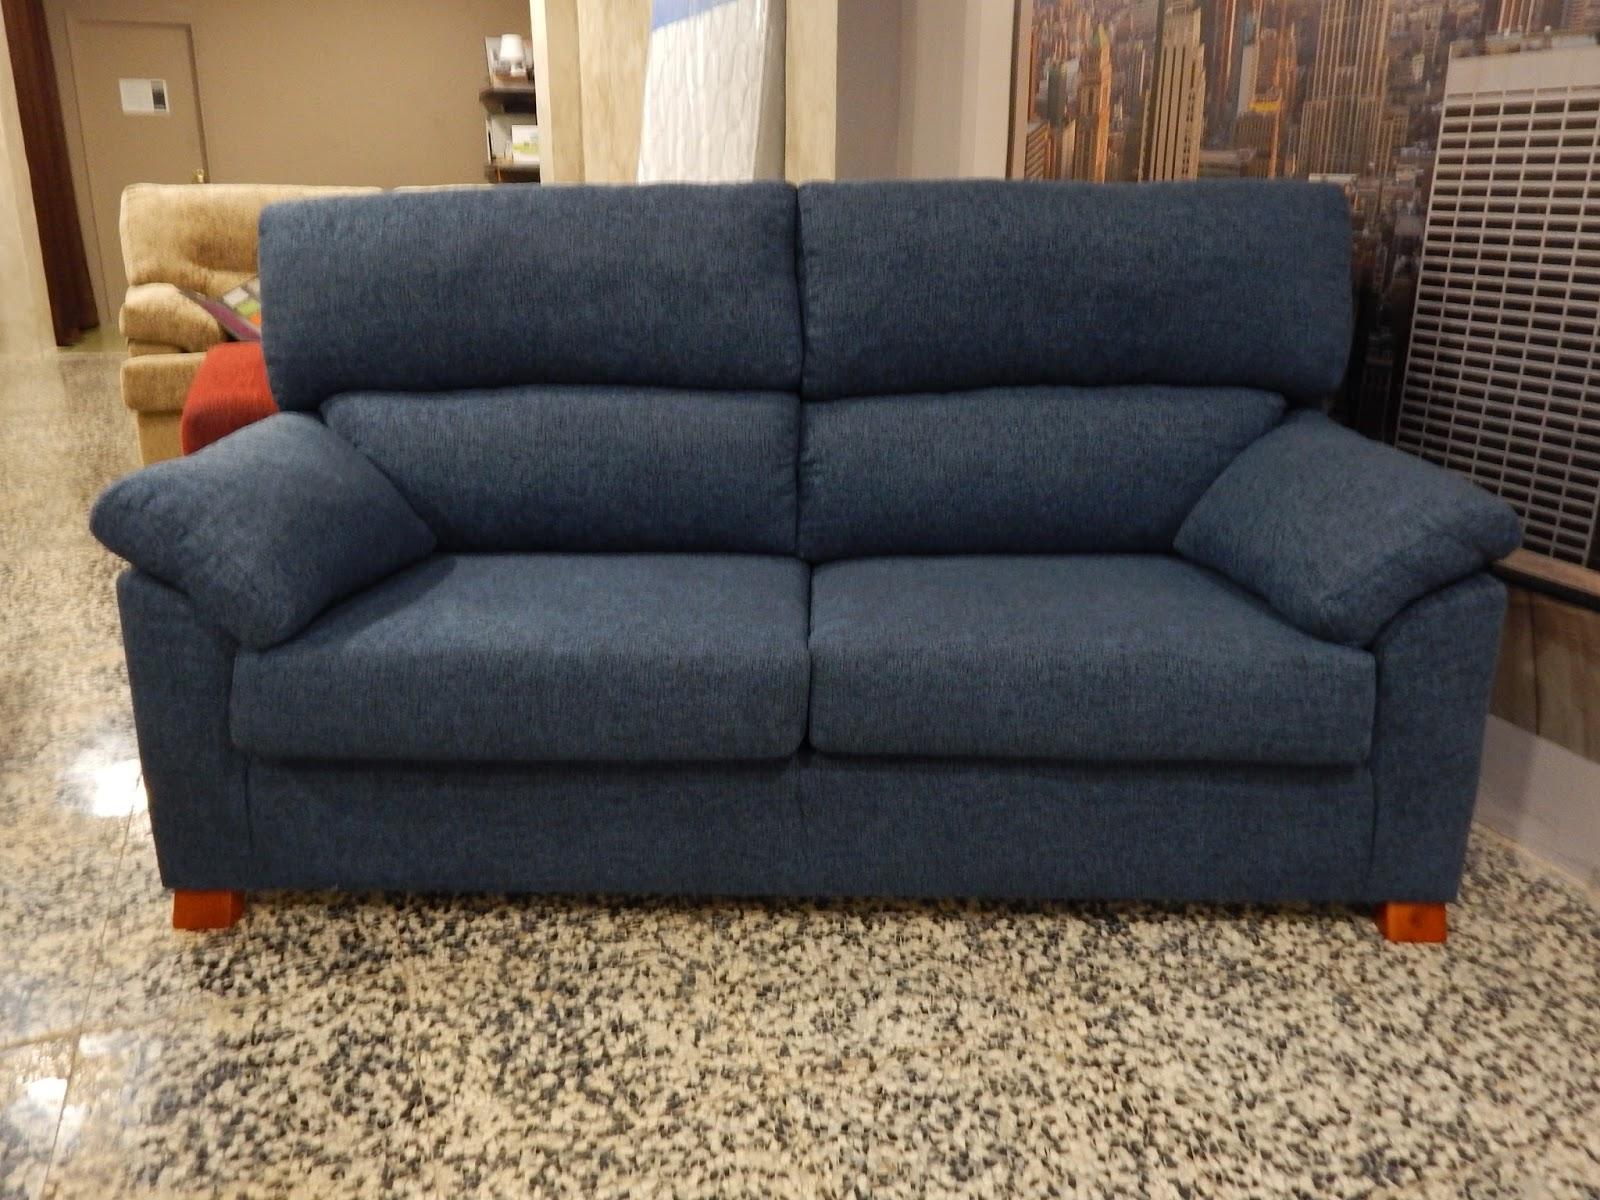 Sofacicos sof s baratos en zaragoza for Sofas nuevos baratos